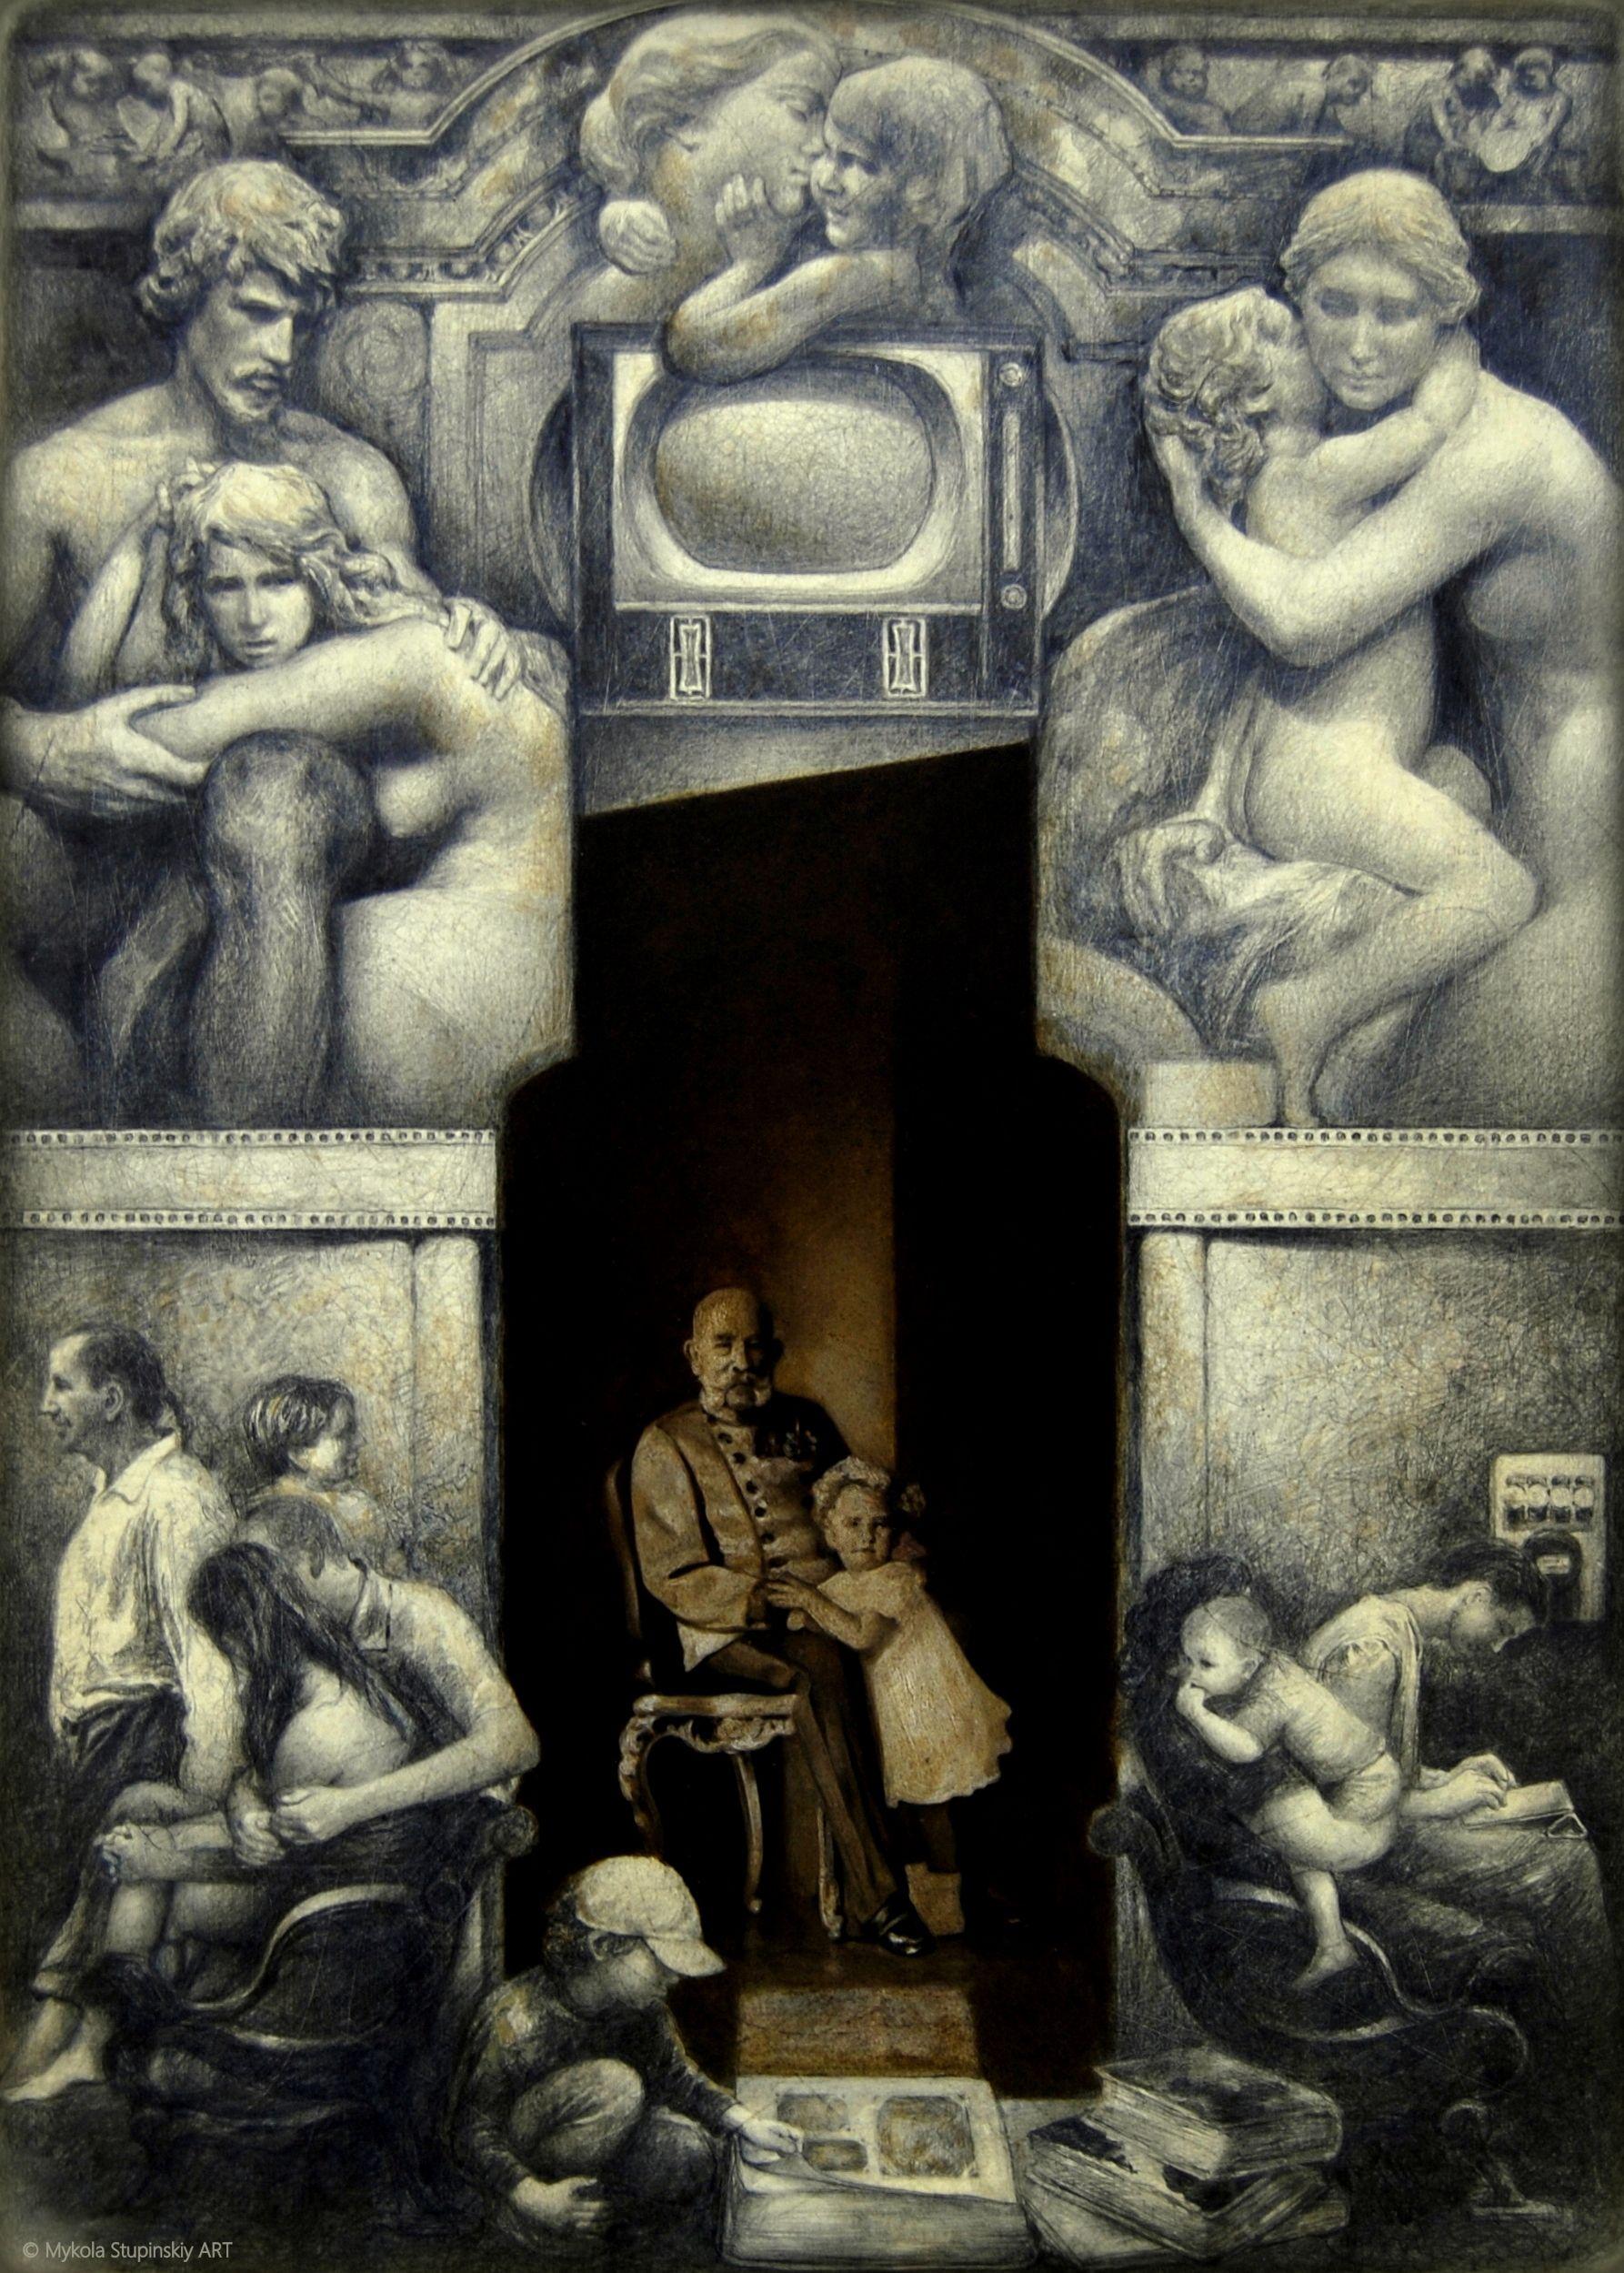 Микола Ступінський. Історія (з серії Телегільйотина), 2016; папір, олівець, 49х35